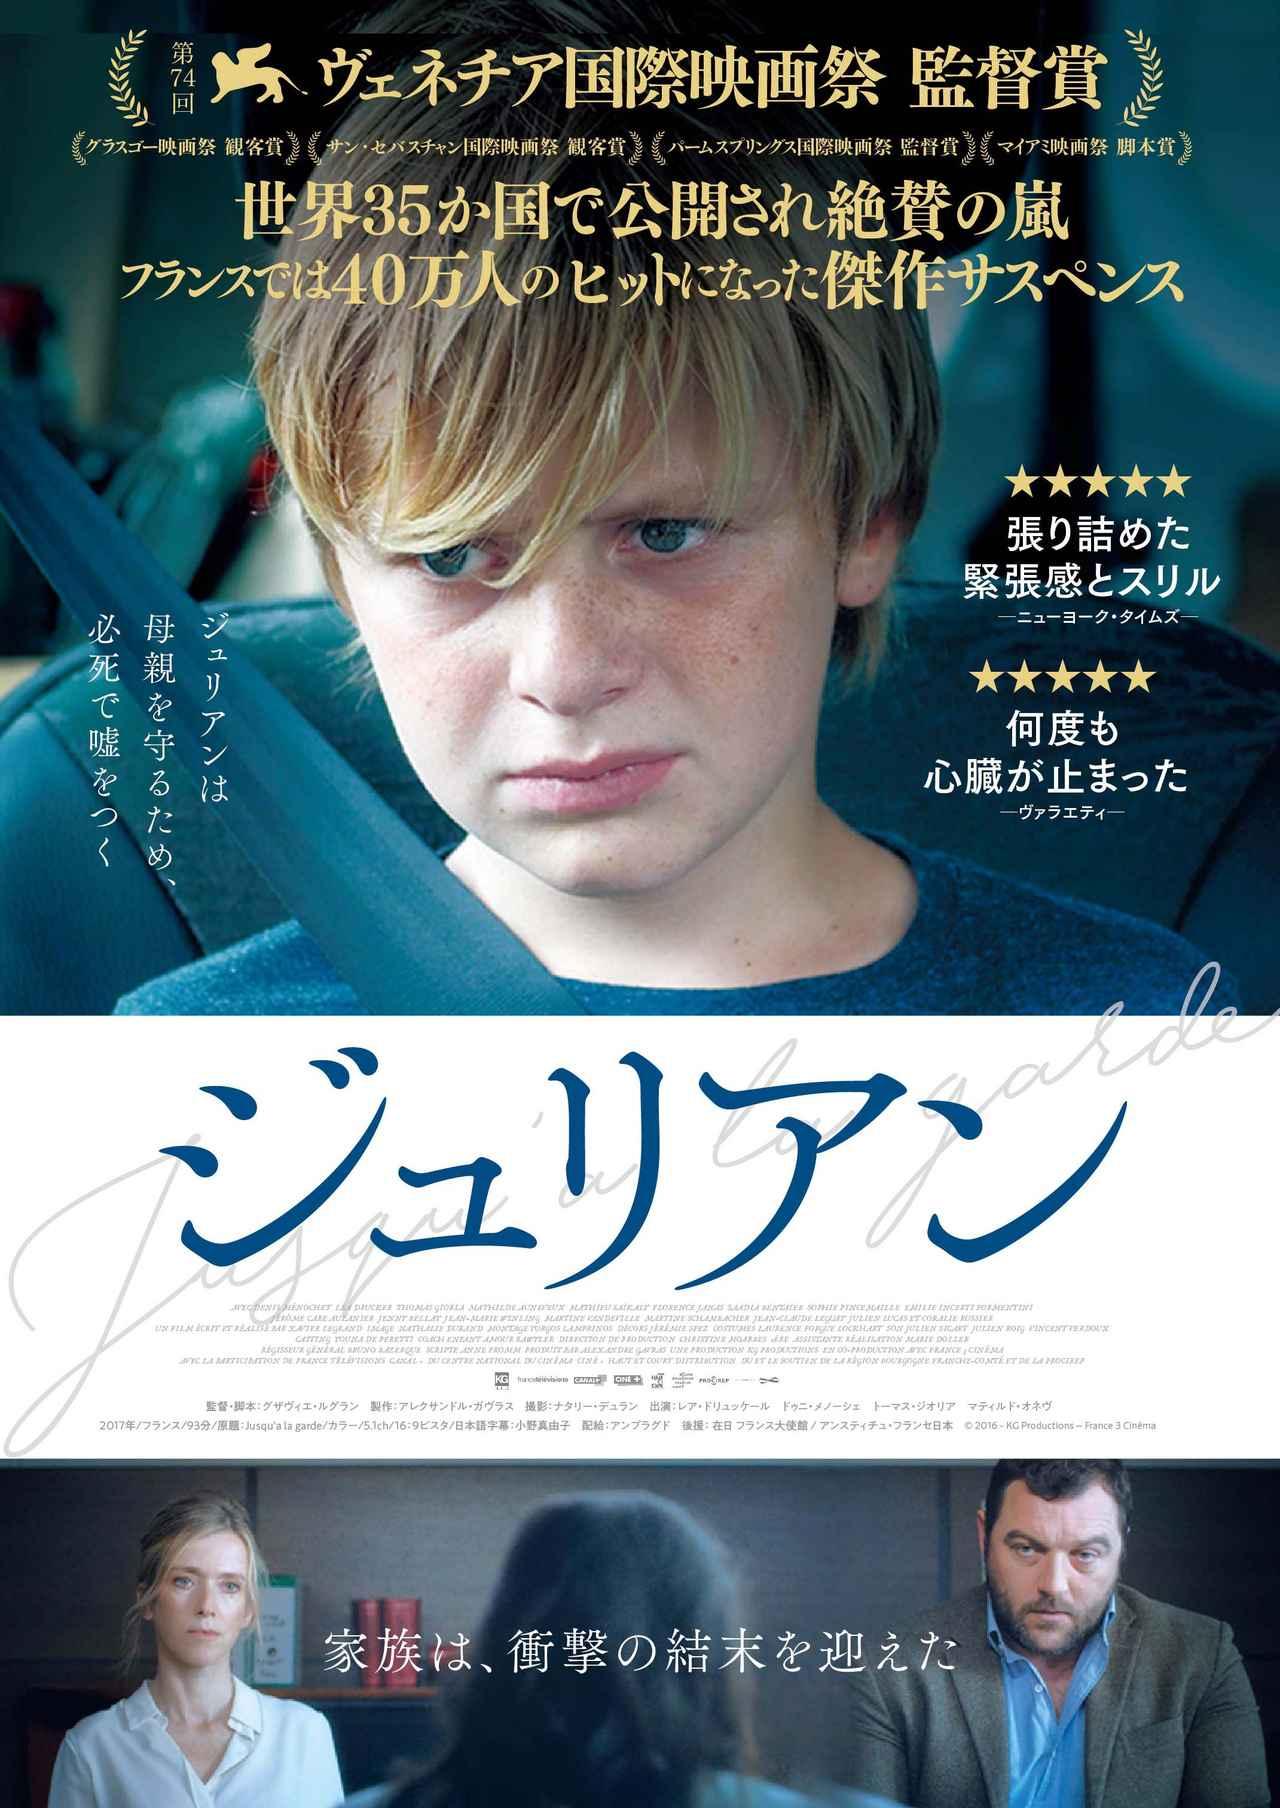 画像1: 父親の狂気が11歳の少年を追いつめる! 家族映画史上、最強の緊張感で描かれる衝撃作『ジュリアン』予告編解禁